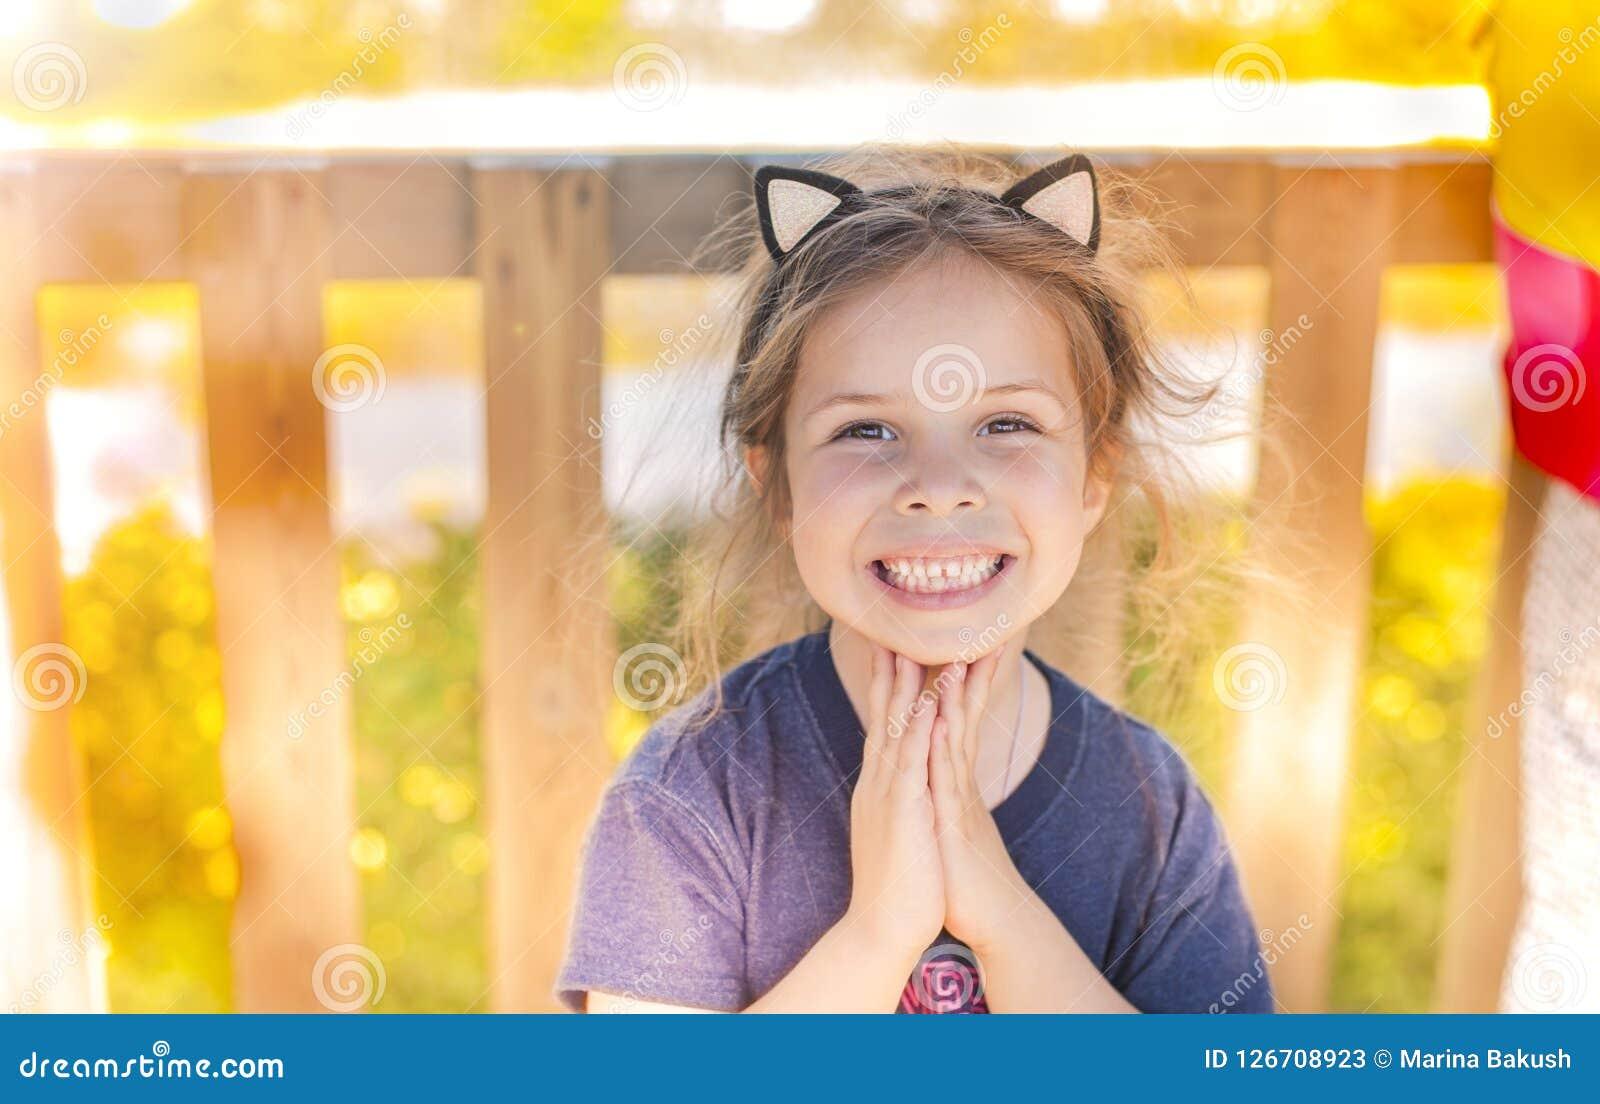 Маленькая девочка в играть парка лета ребенок счастливый Место Svobodnoe для текста скопируйте космос